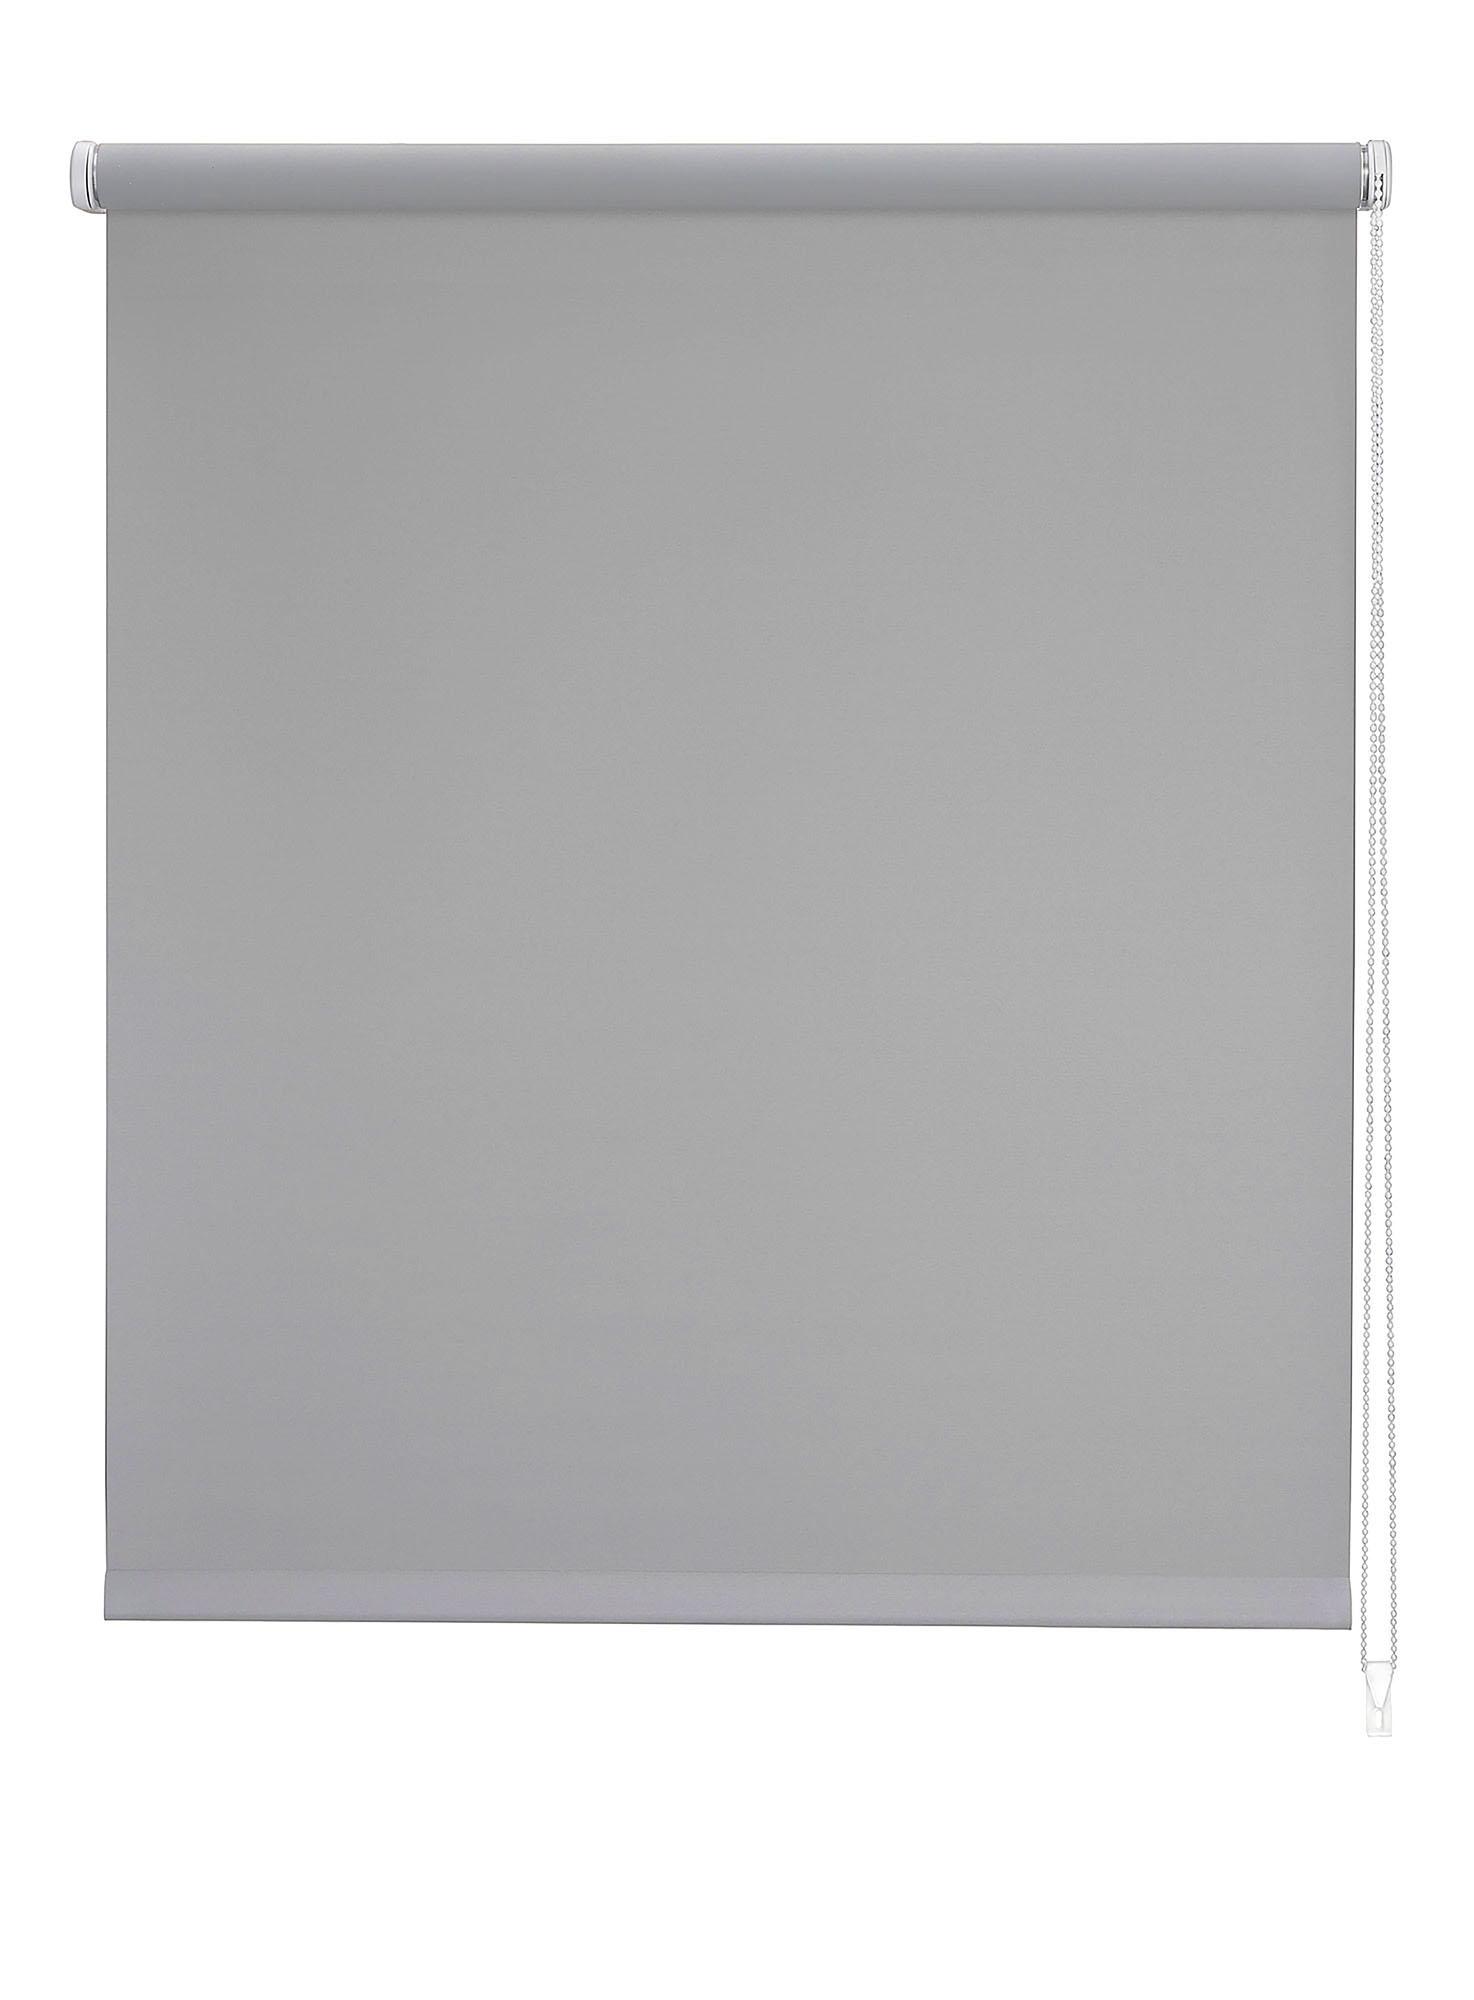 Store enrouleur Translucide - Gris - 180 x 250 cm